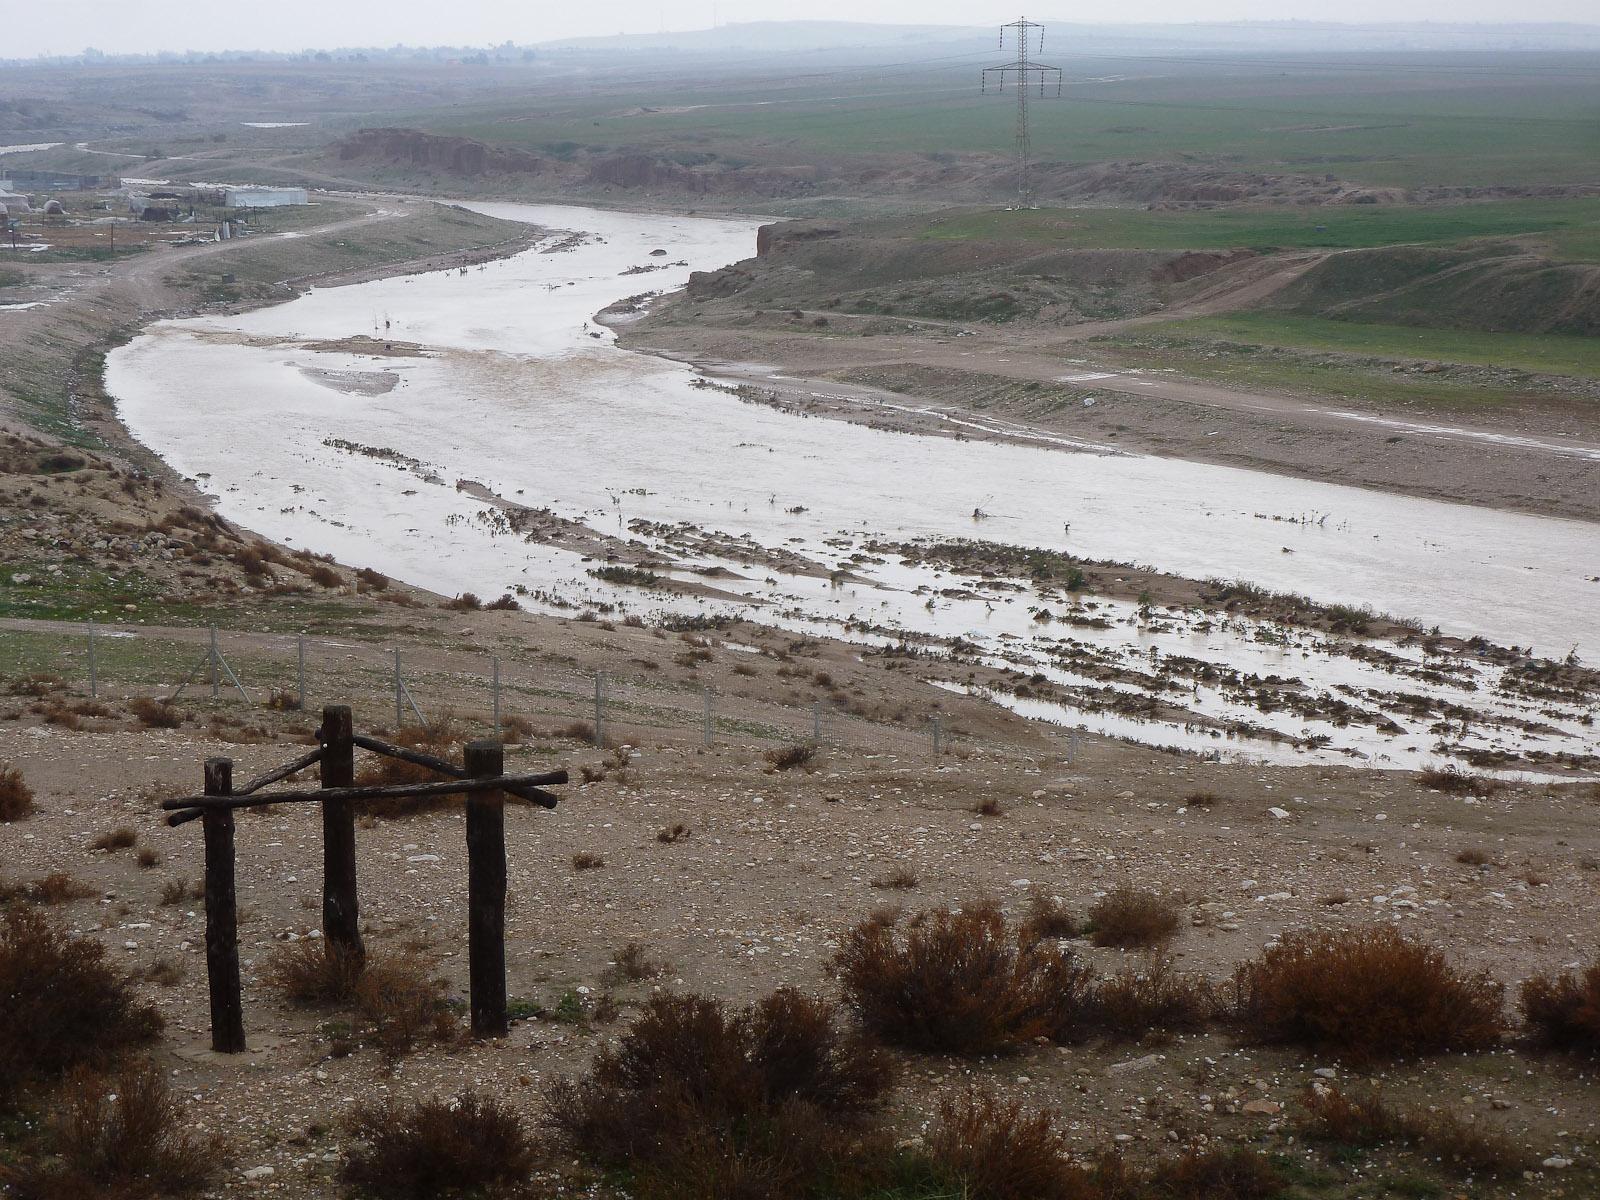 上图:2013年1月10日,雨后的别是巴河充满了水。